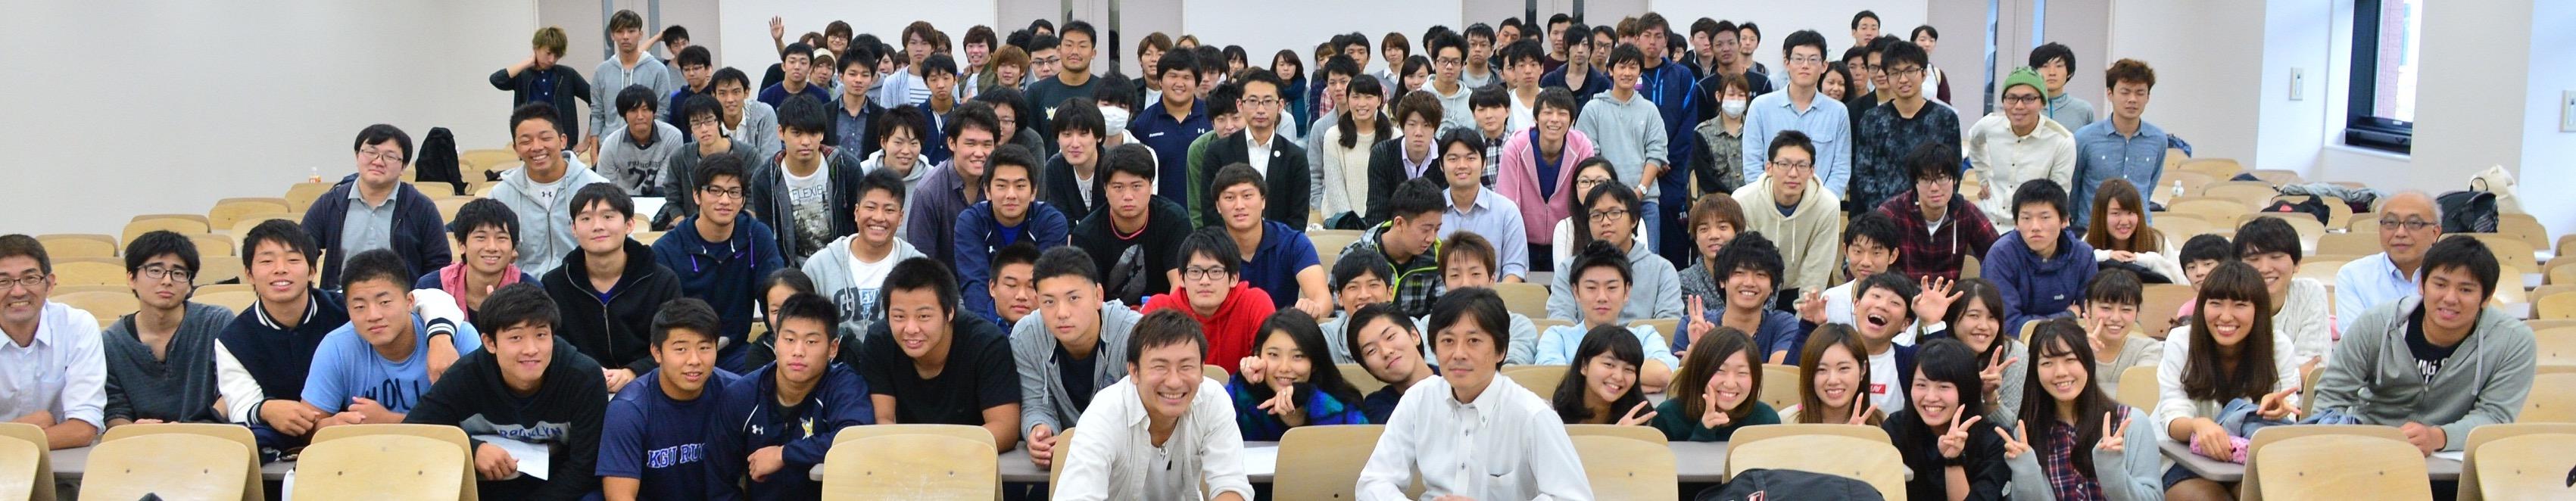 【10.23 講演】関東学院大学講演会